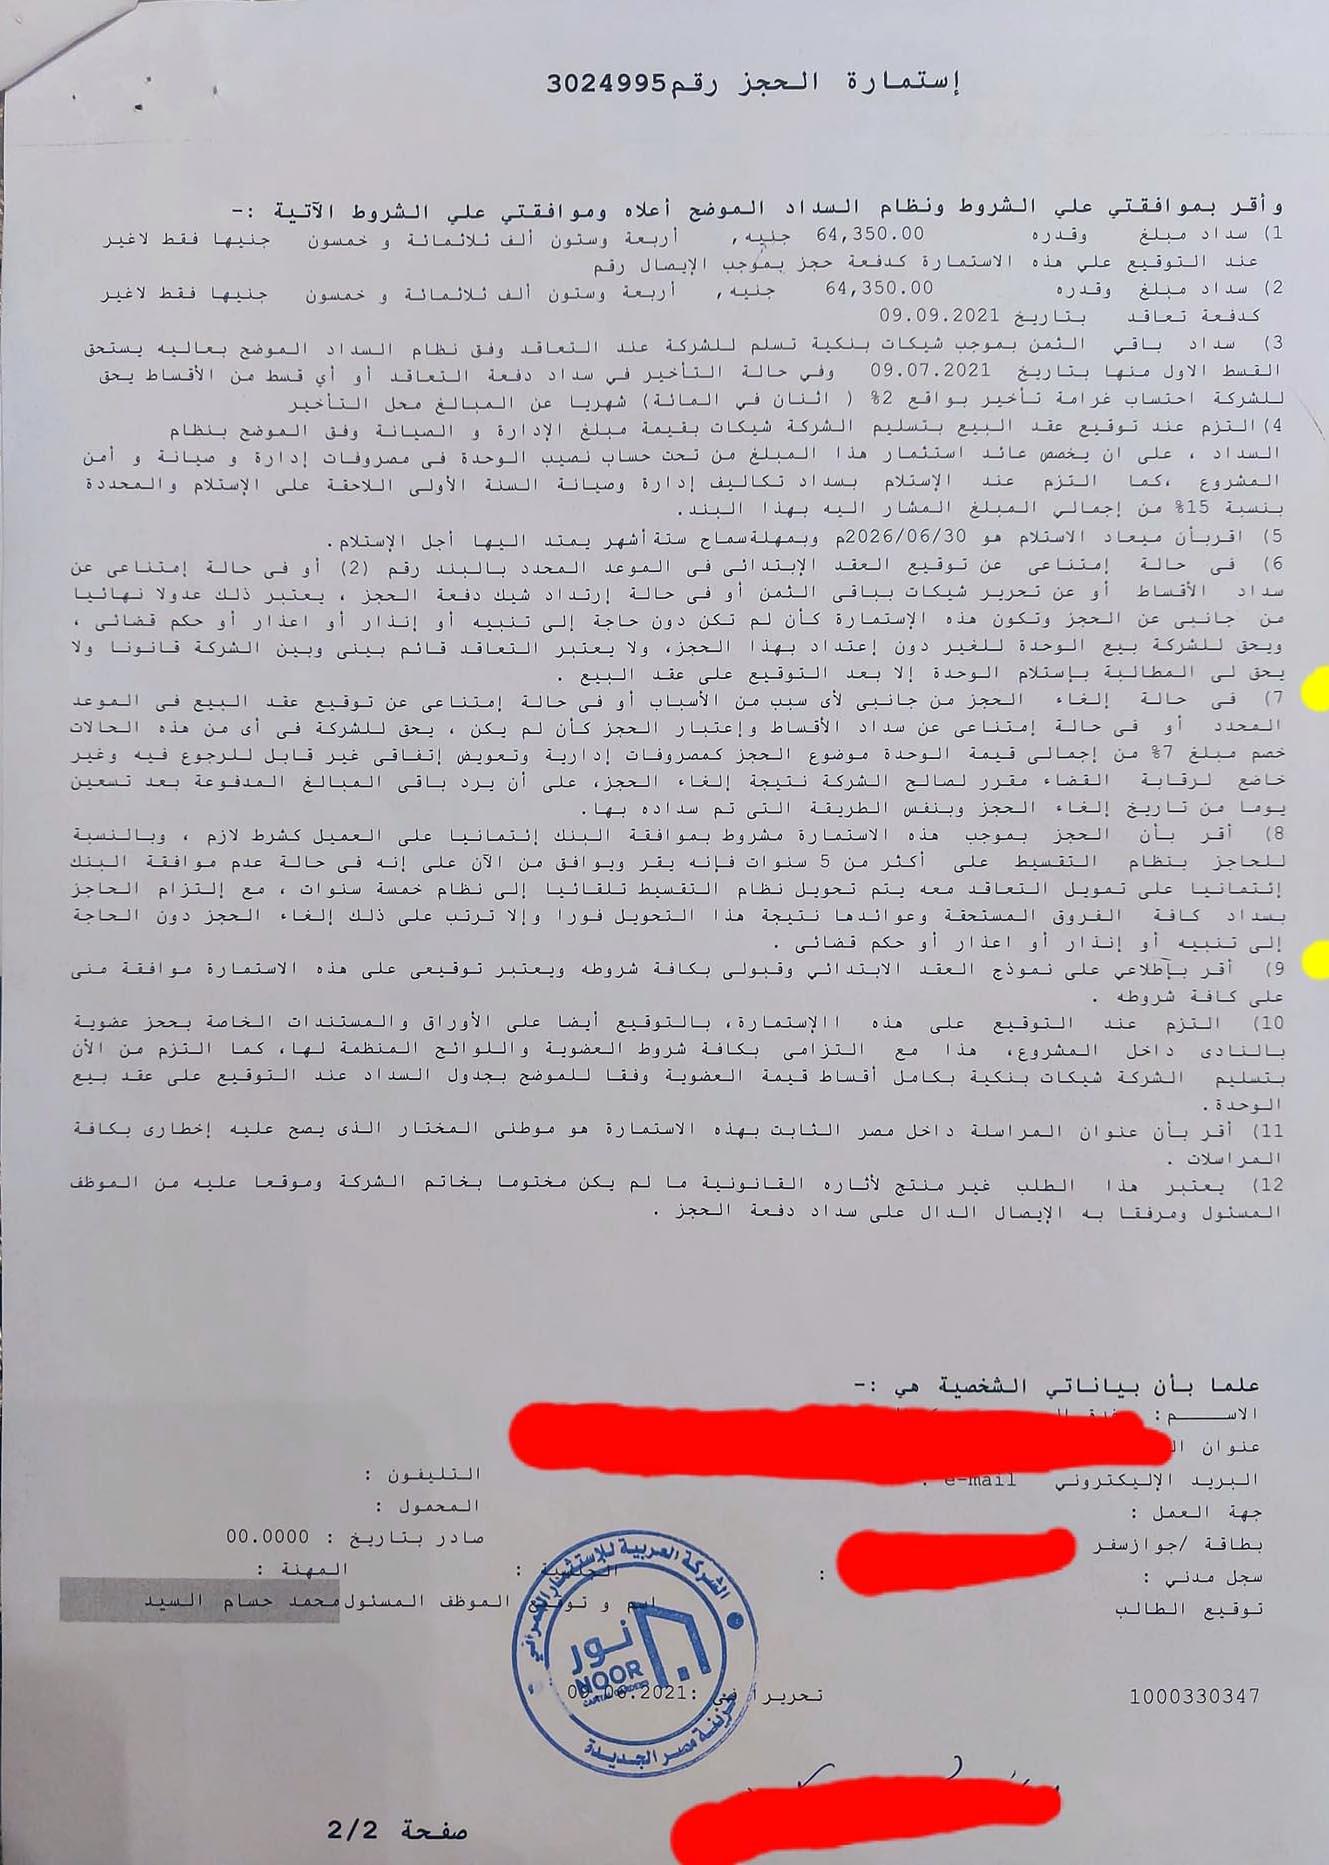 استمارة الحجز في مدينة نور